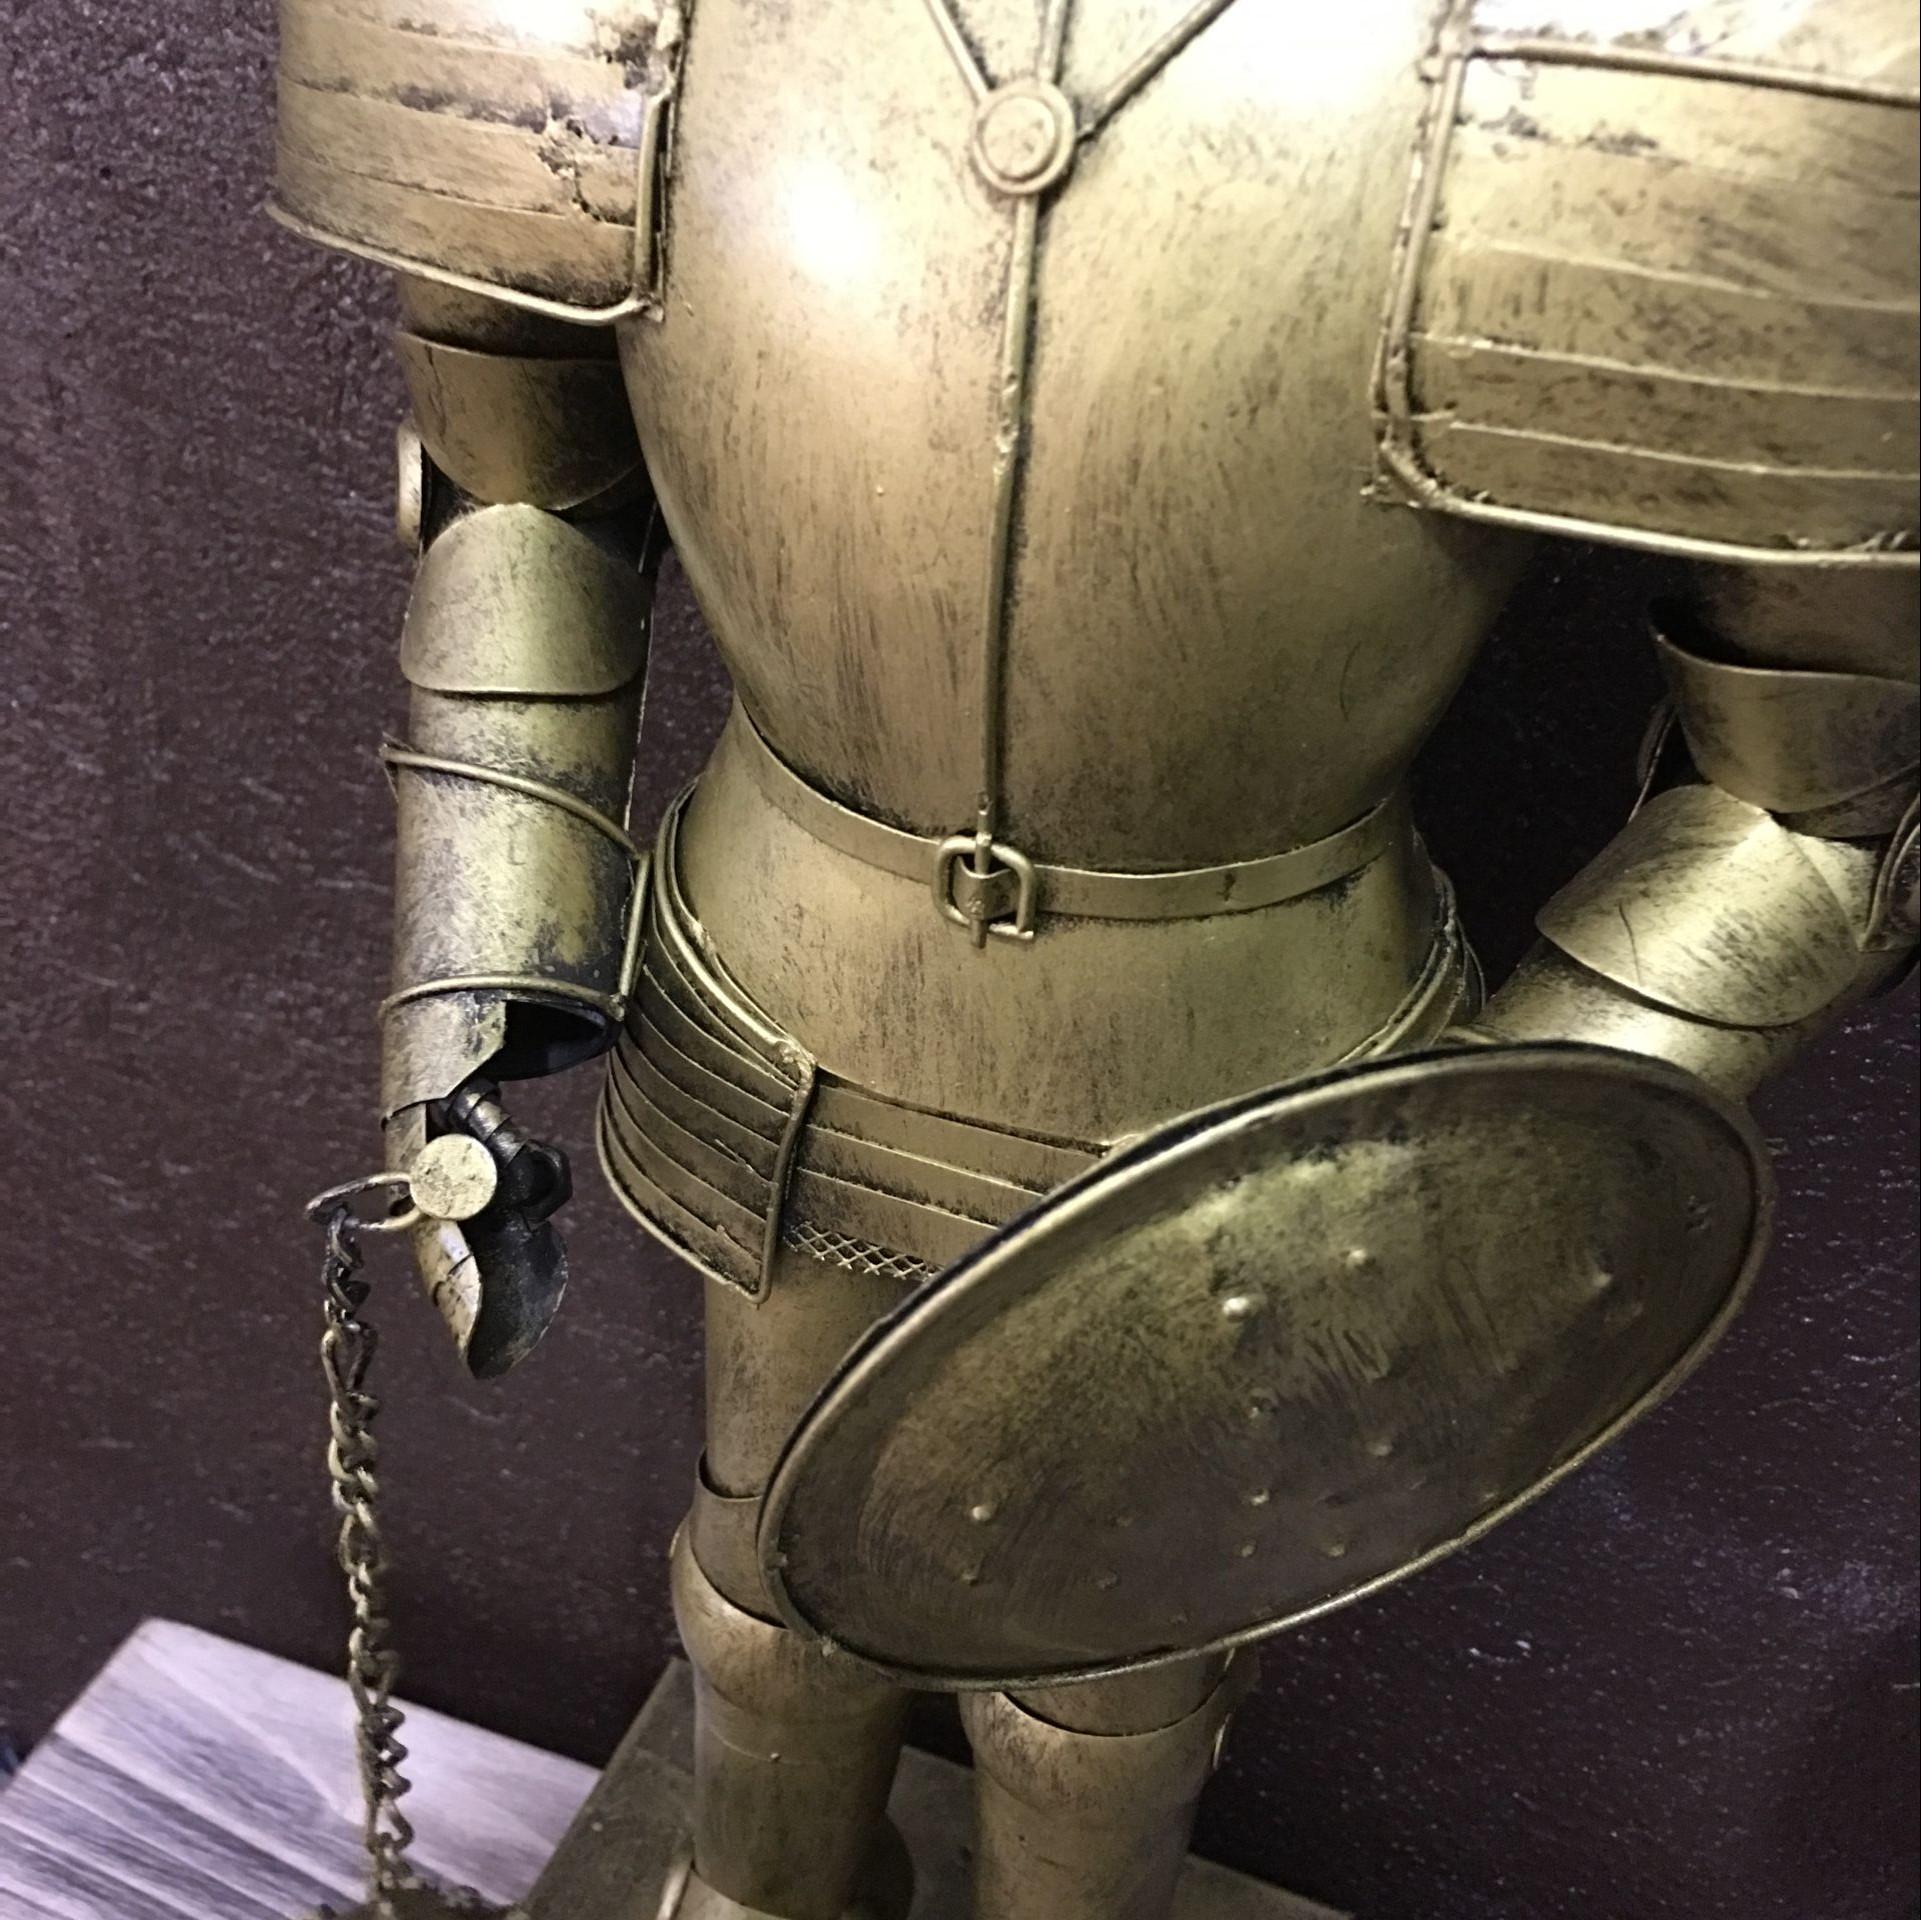 欧洲中世纪复古盔甲骑士模型铁皮人物摆件网咖酒吧咖啡厅家居软装_7折图片